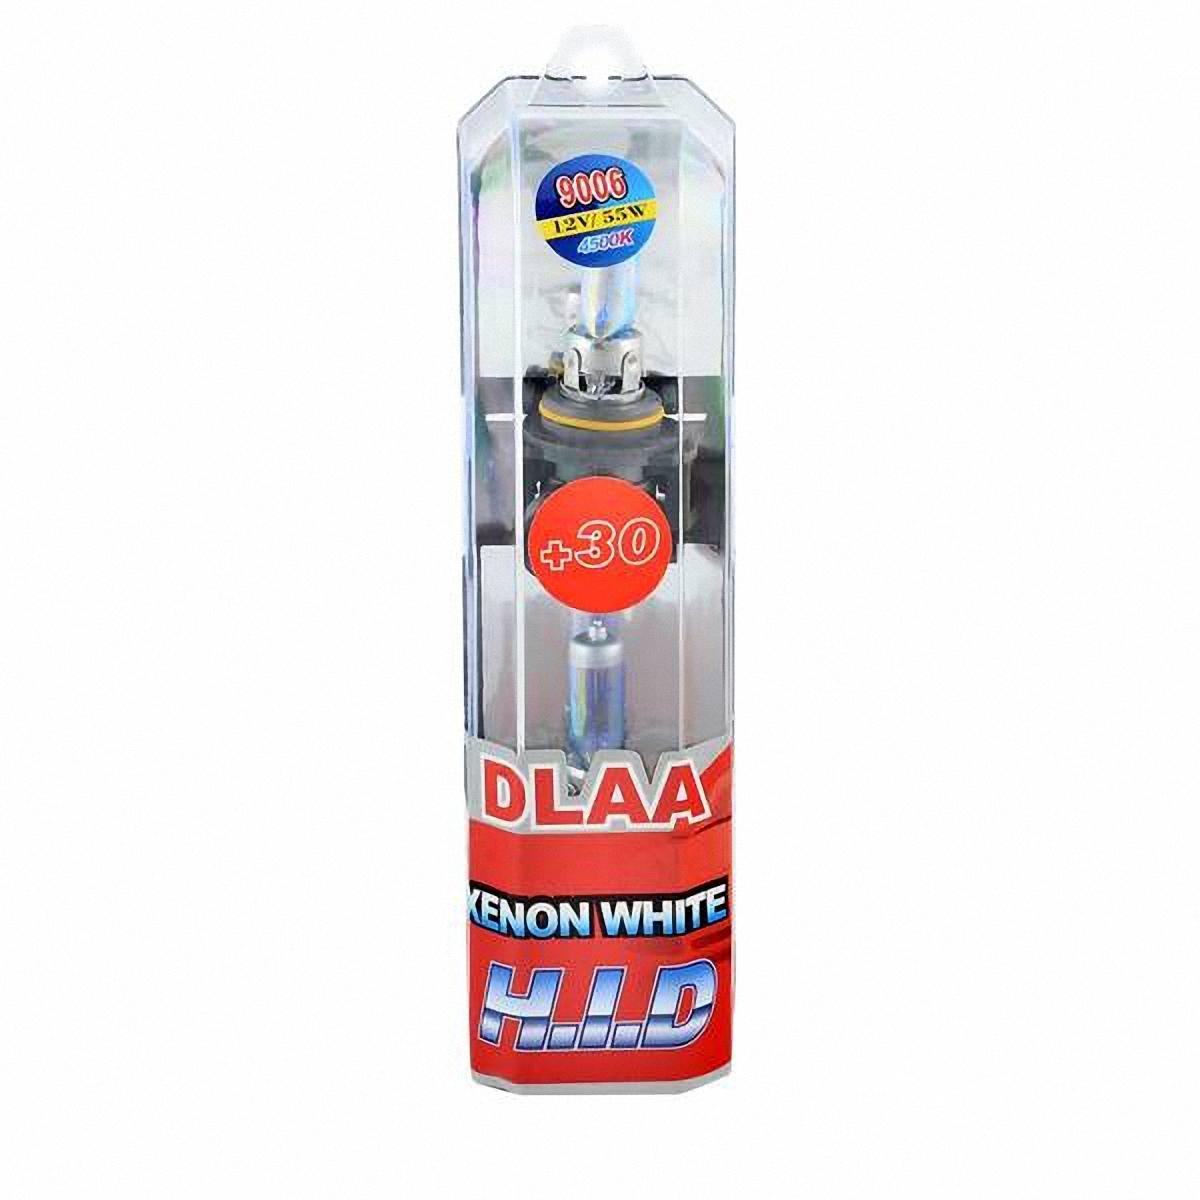 Skyway Автолампа HB4/9006 1-конт XENON WHITE+30. 9006-12V55W-P B9006-12V55W-P BГалогеновые лампы XENON WHITE+30 4500K под ксенон представляют собой очень яркие лампы, имитирующие свет ксенона. Достигается это за счет специального напыления на газонаполненные лампы, а точнее на колбы, в которые под высоким давлением закачан газ. Данные галогеновые лампы не создают неудобств водителям встречных автотранспортных средств, не превышают допустимую нагрузку на бортовую сеть автомобиля, безопасны и долговечны и отвечают всем без исключения стандартам качества.